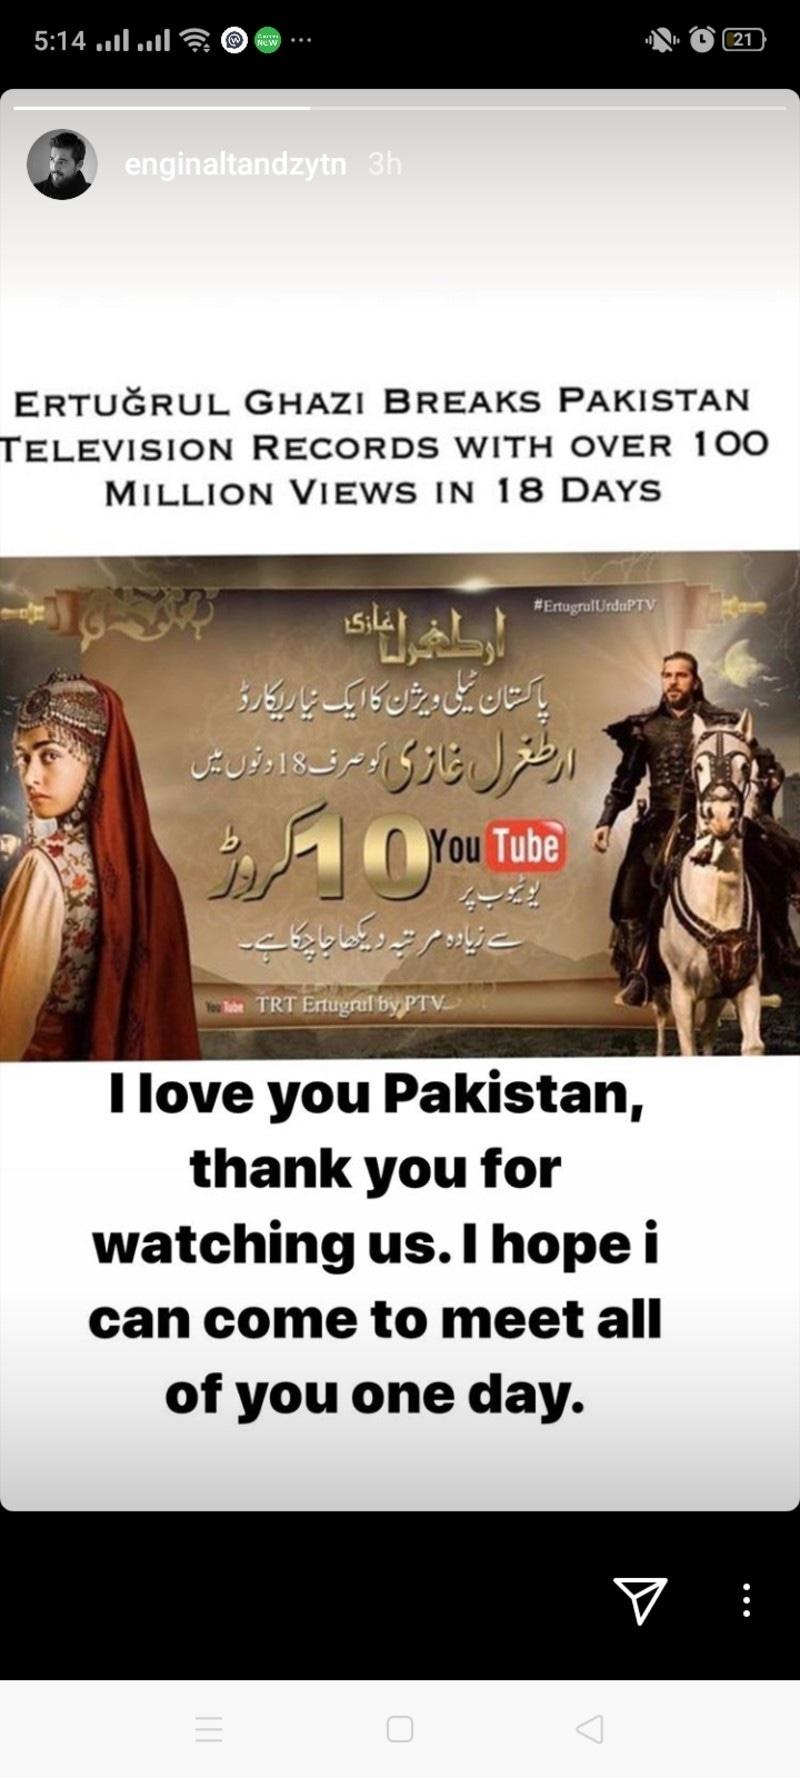 انسٹاگرام اسٹوری میں انہوں نے پاکستان آنے کی خواہش ظاہر کی—اسکرین شاٹ